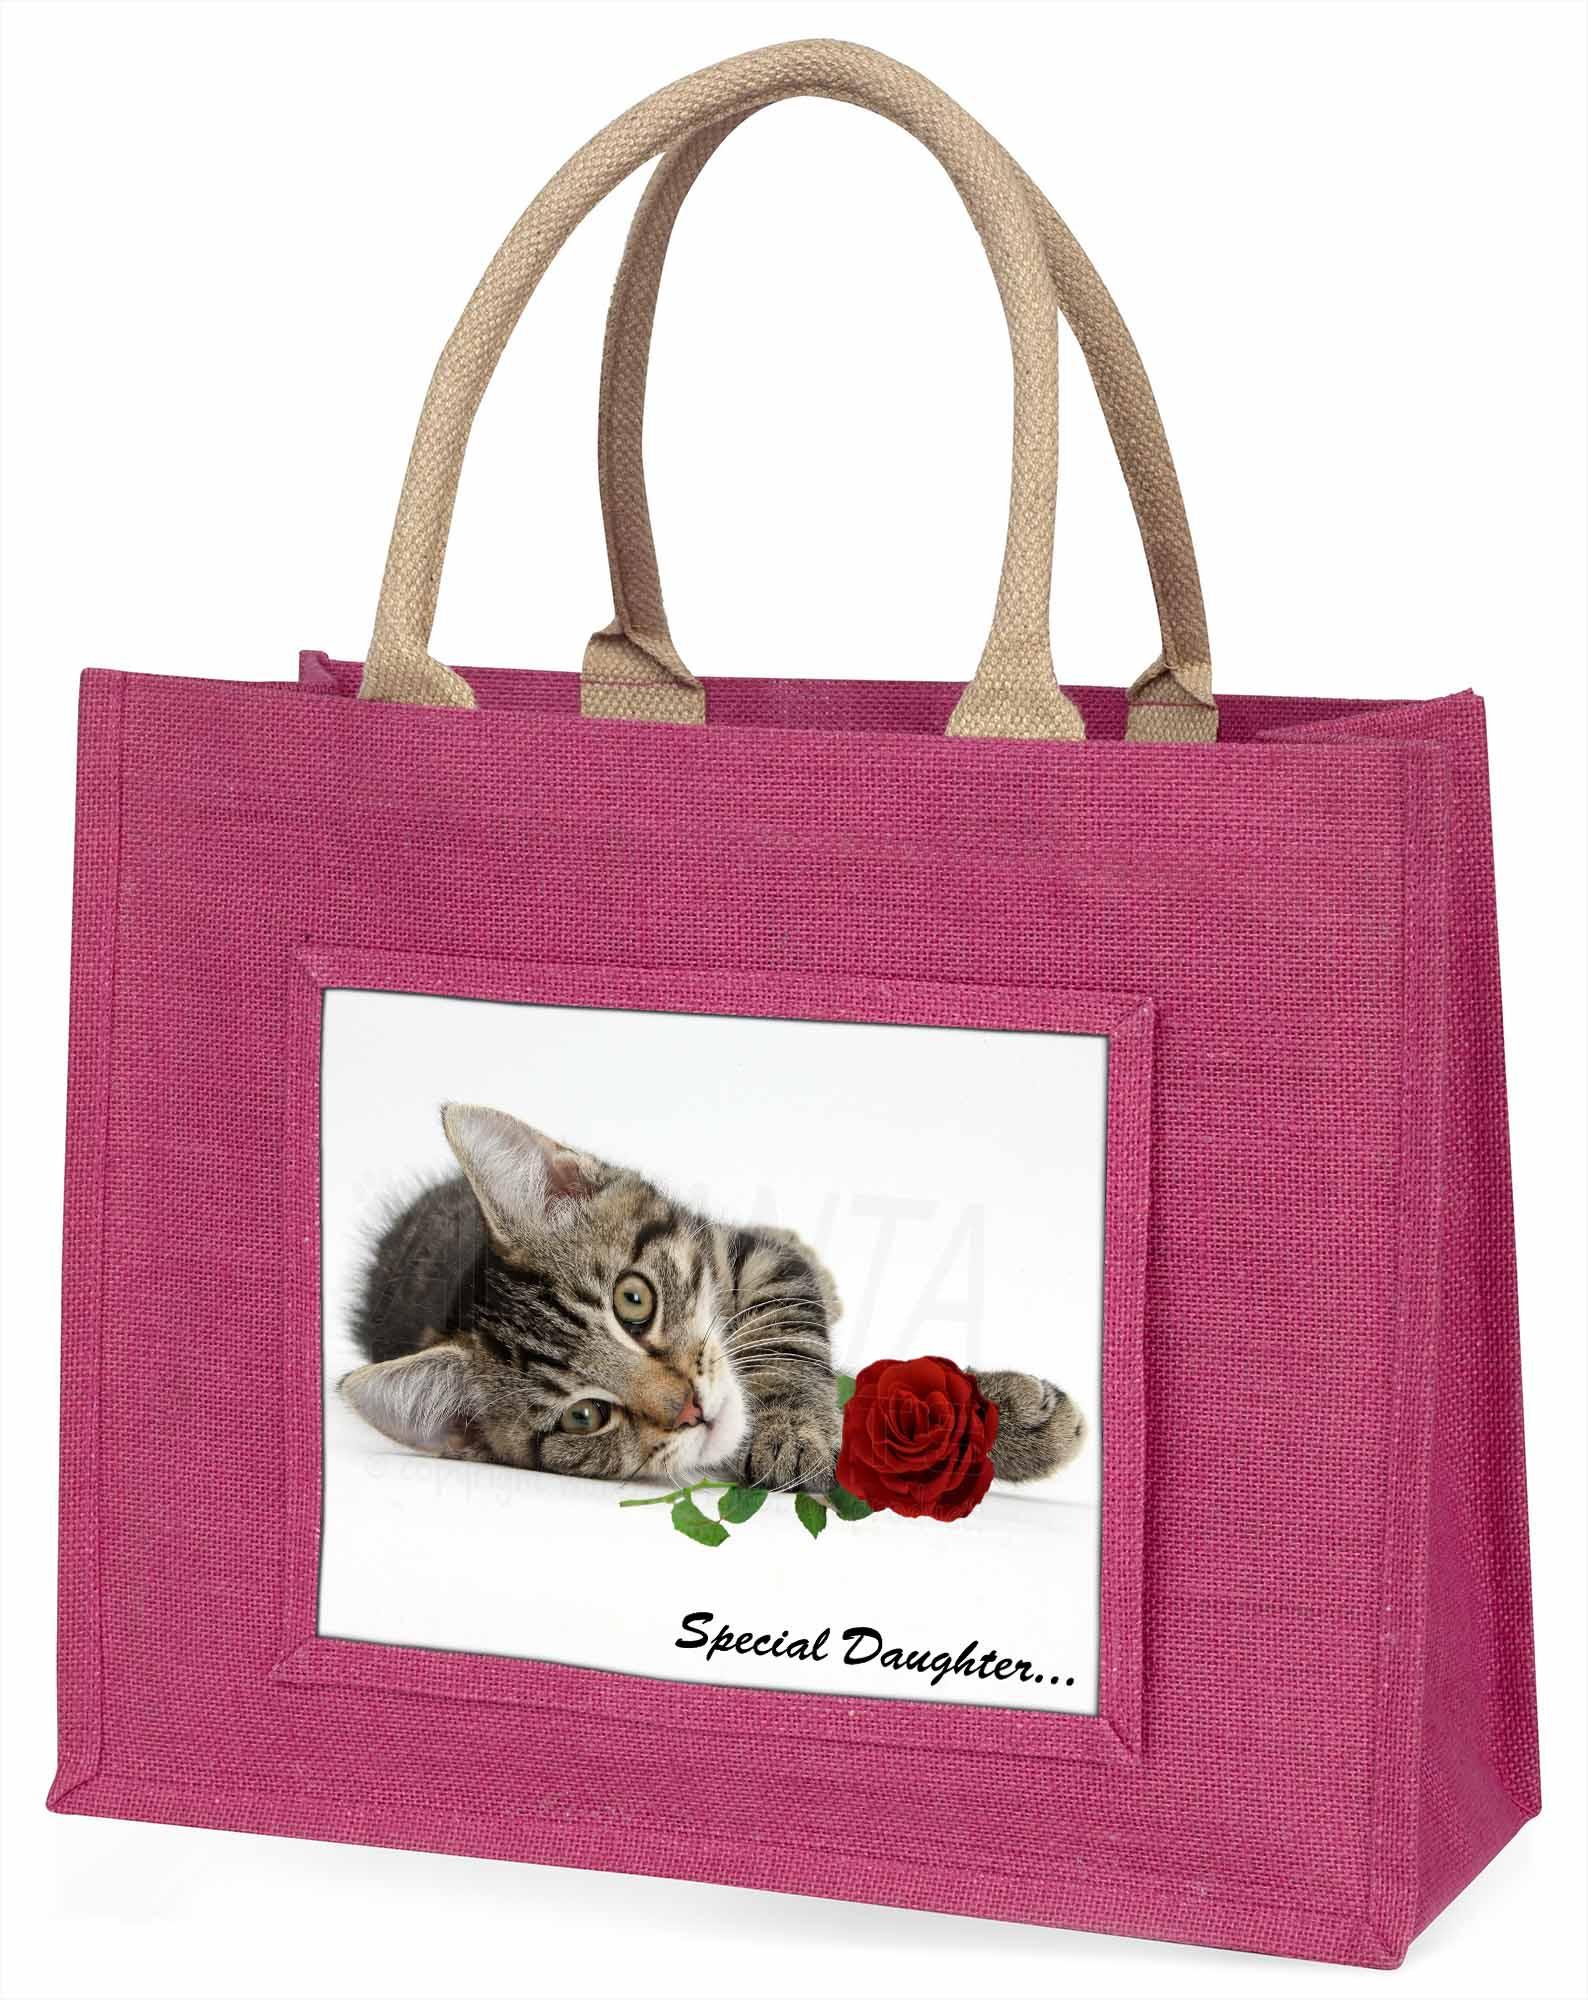 Kätzchen mit rosé 'Special Daughter' große rosa Einkaufstasche